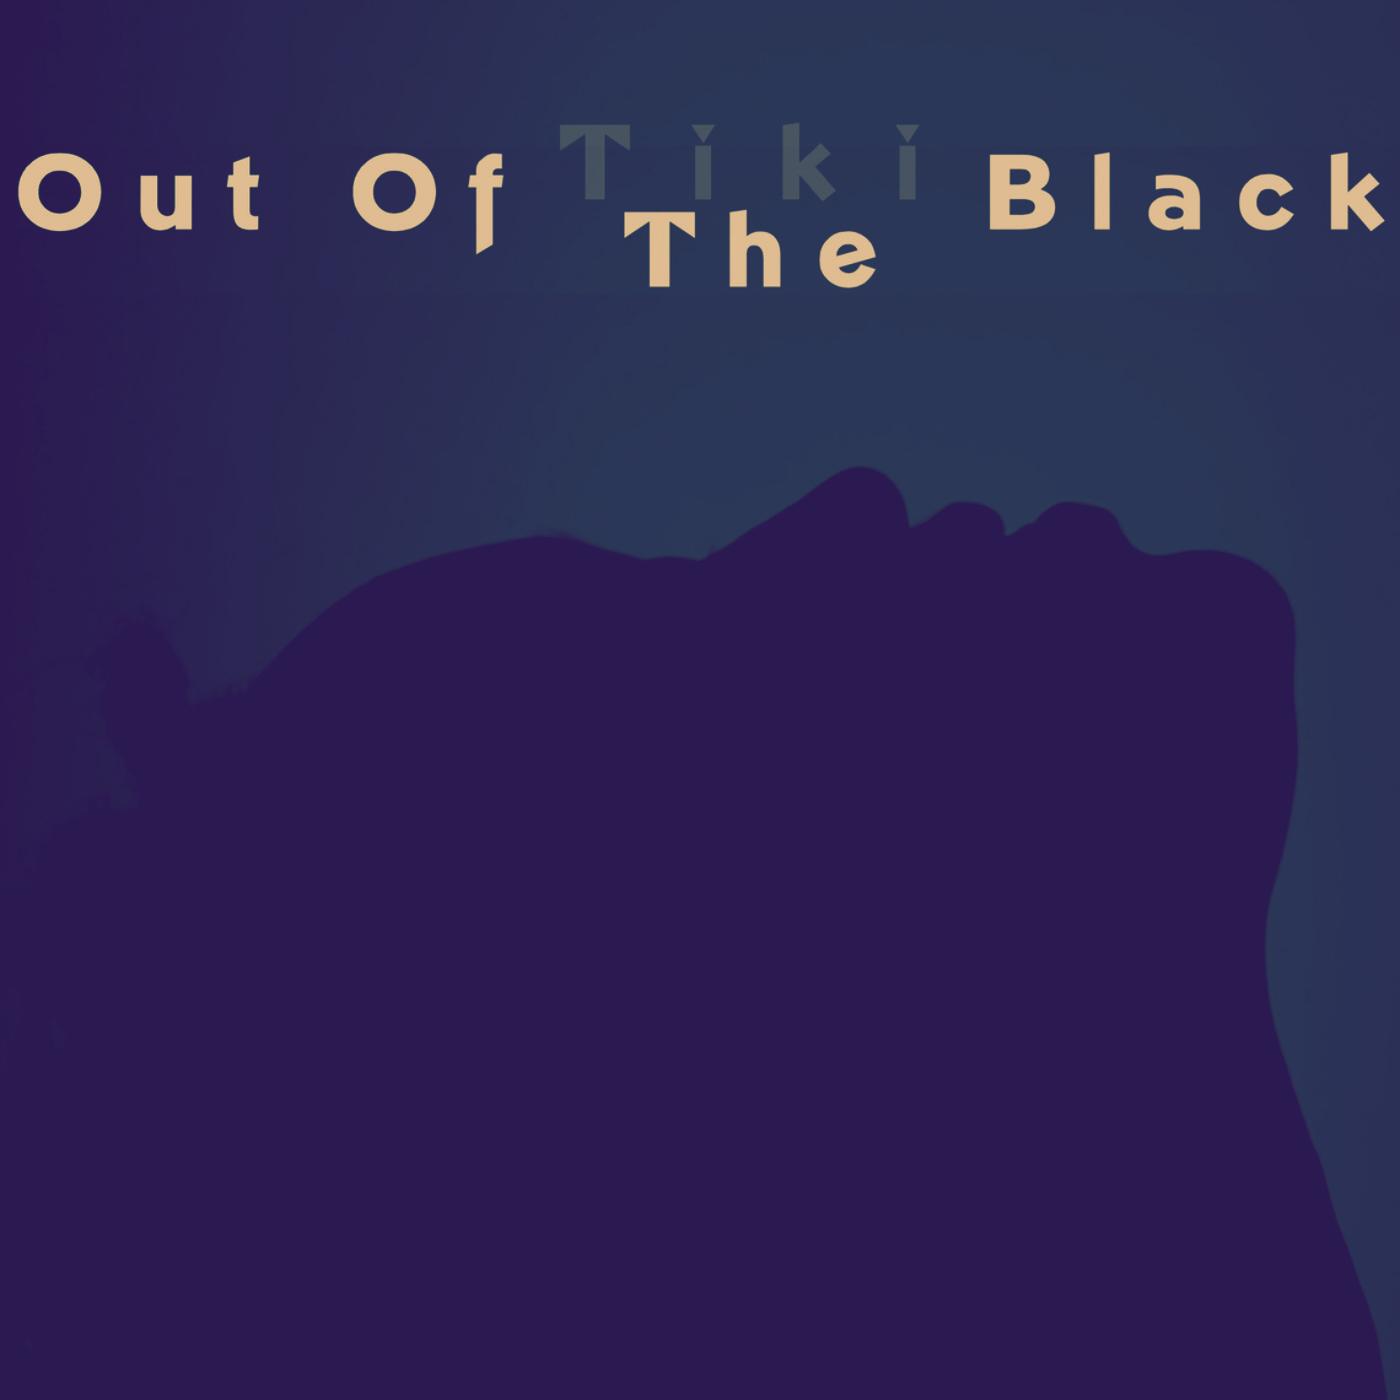 Tiki Black-Clients